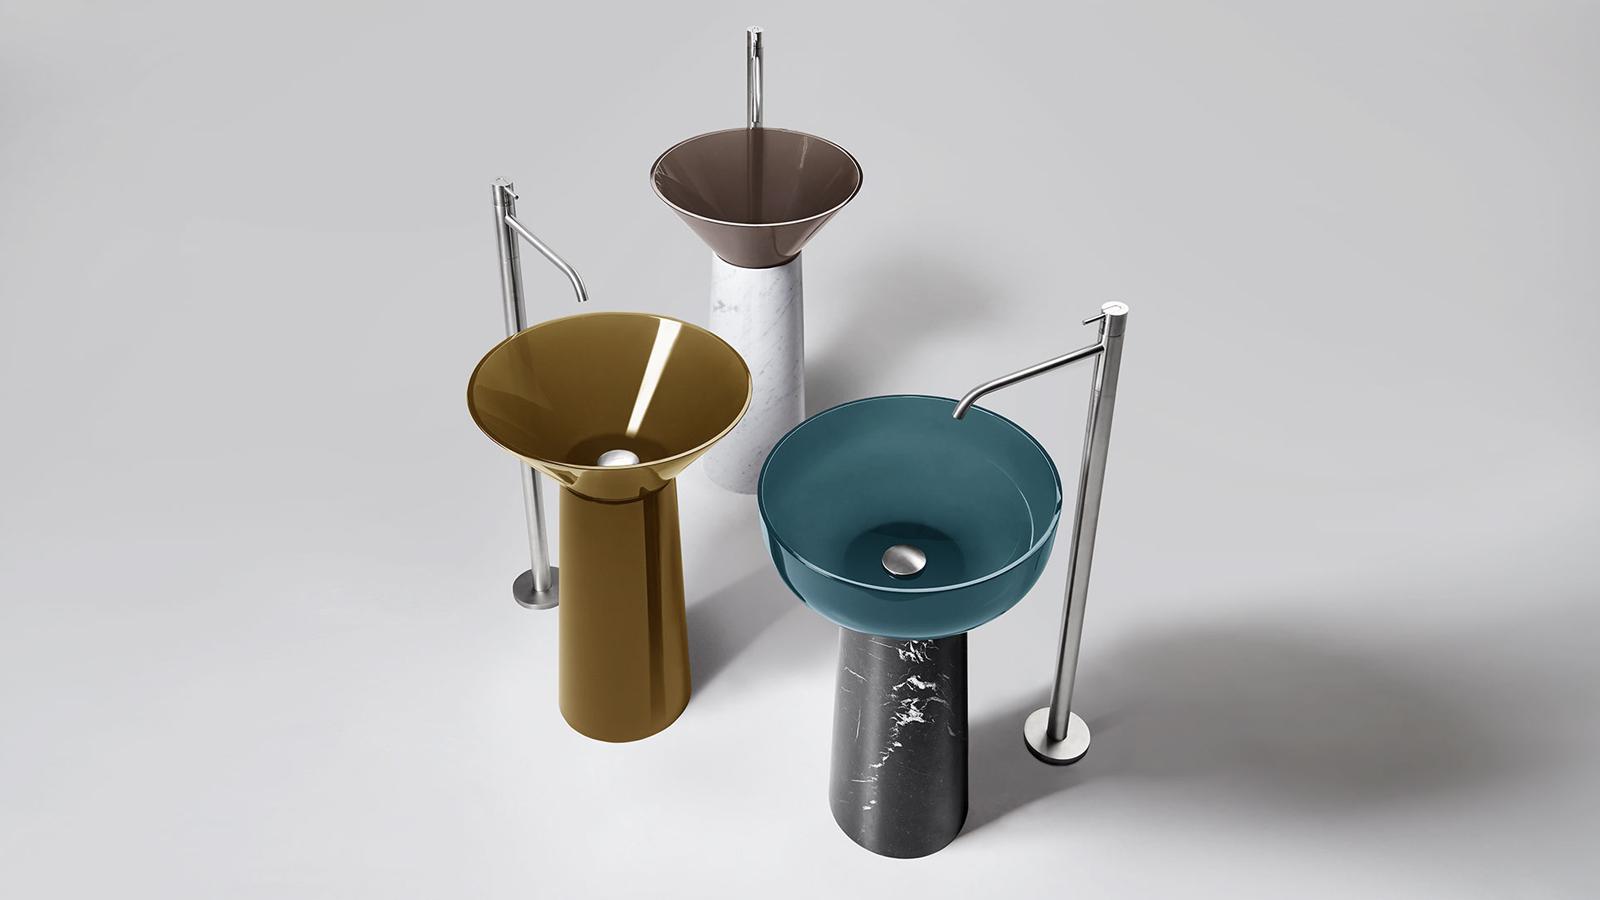 Az Albume az Antonio Lupi egyik legnépszerűbb terméke. A neves olasz gyártó által szabadalmaztatott, ún. Cristalmood anyagból készülő mosdókagyló rendkívül jól ellenáll a szennyeződésnek és a kémiai anyagoknak is, ugyanakkor számos színben elérhető. A kétféle mosdókagyló-formához (gömbölyded és kúpos verzió) akár márvány vagy fa lábazatot is választhatunk – így a variációk sora végtelen.